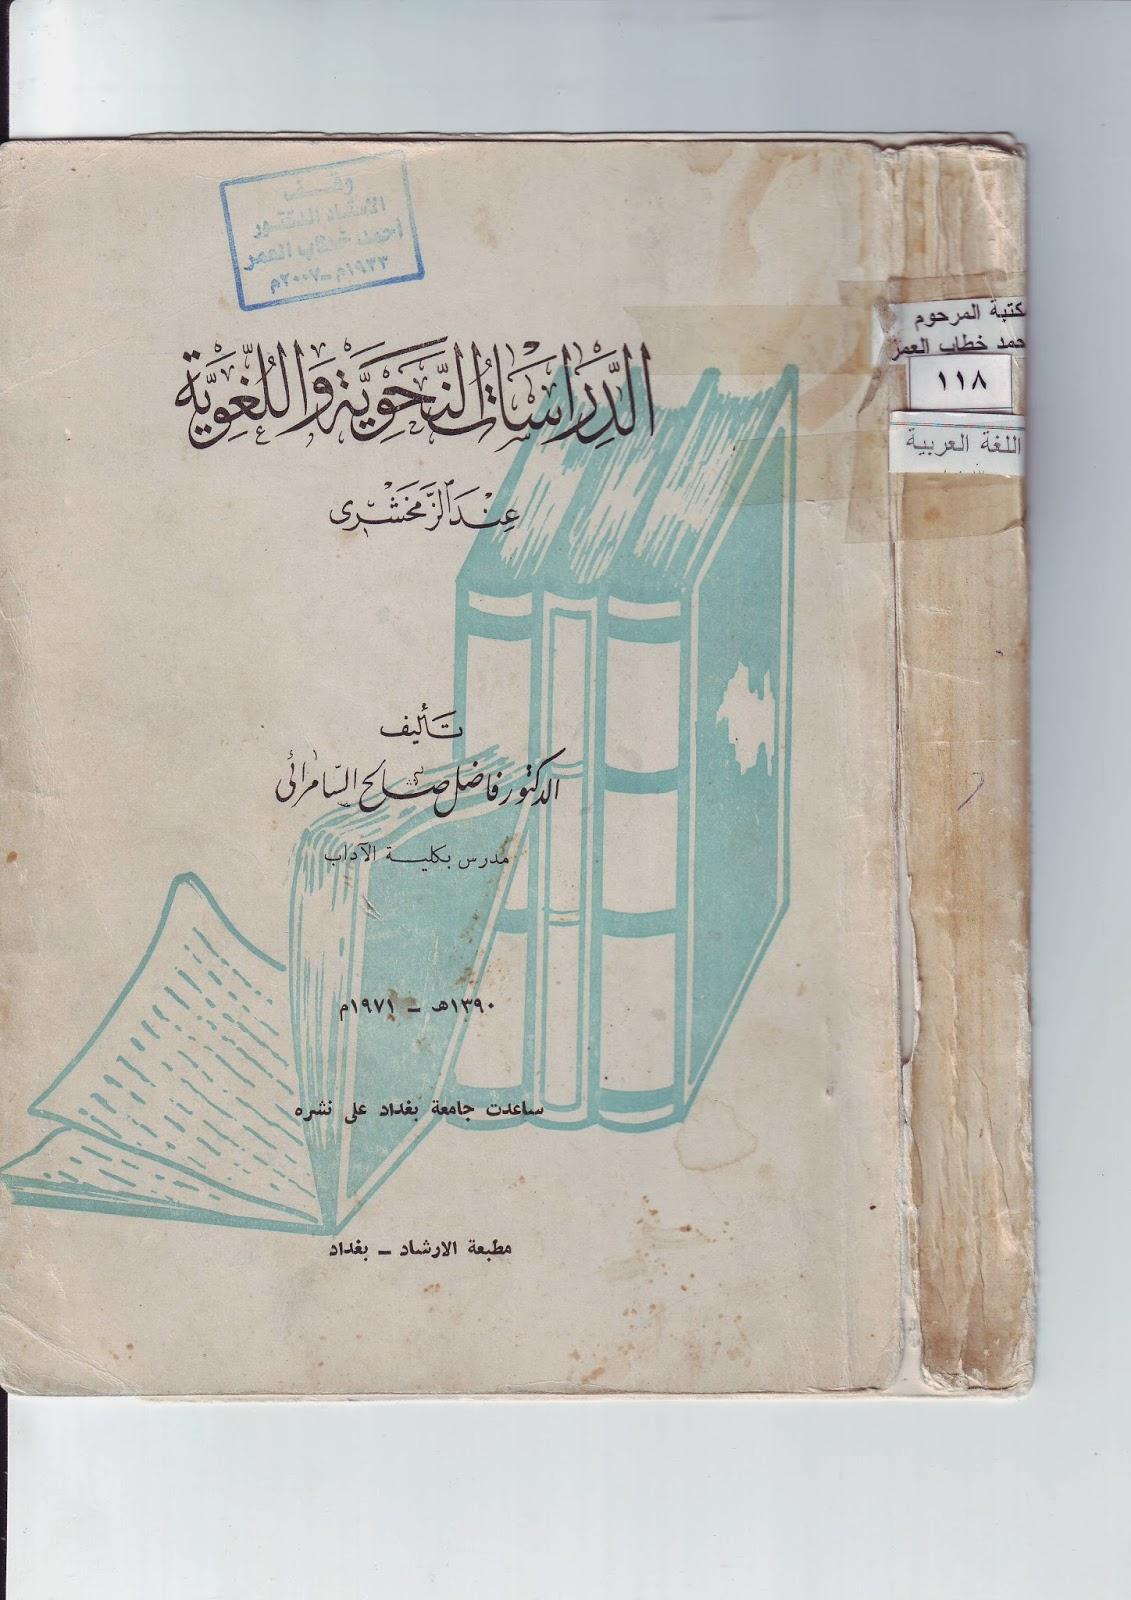 الدراسات النحوية واللغوية عند الزمخشري - فاضل السامرائي pdf